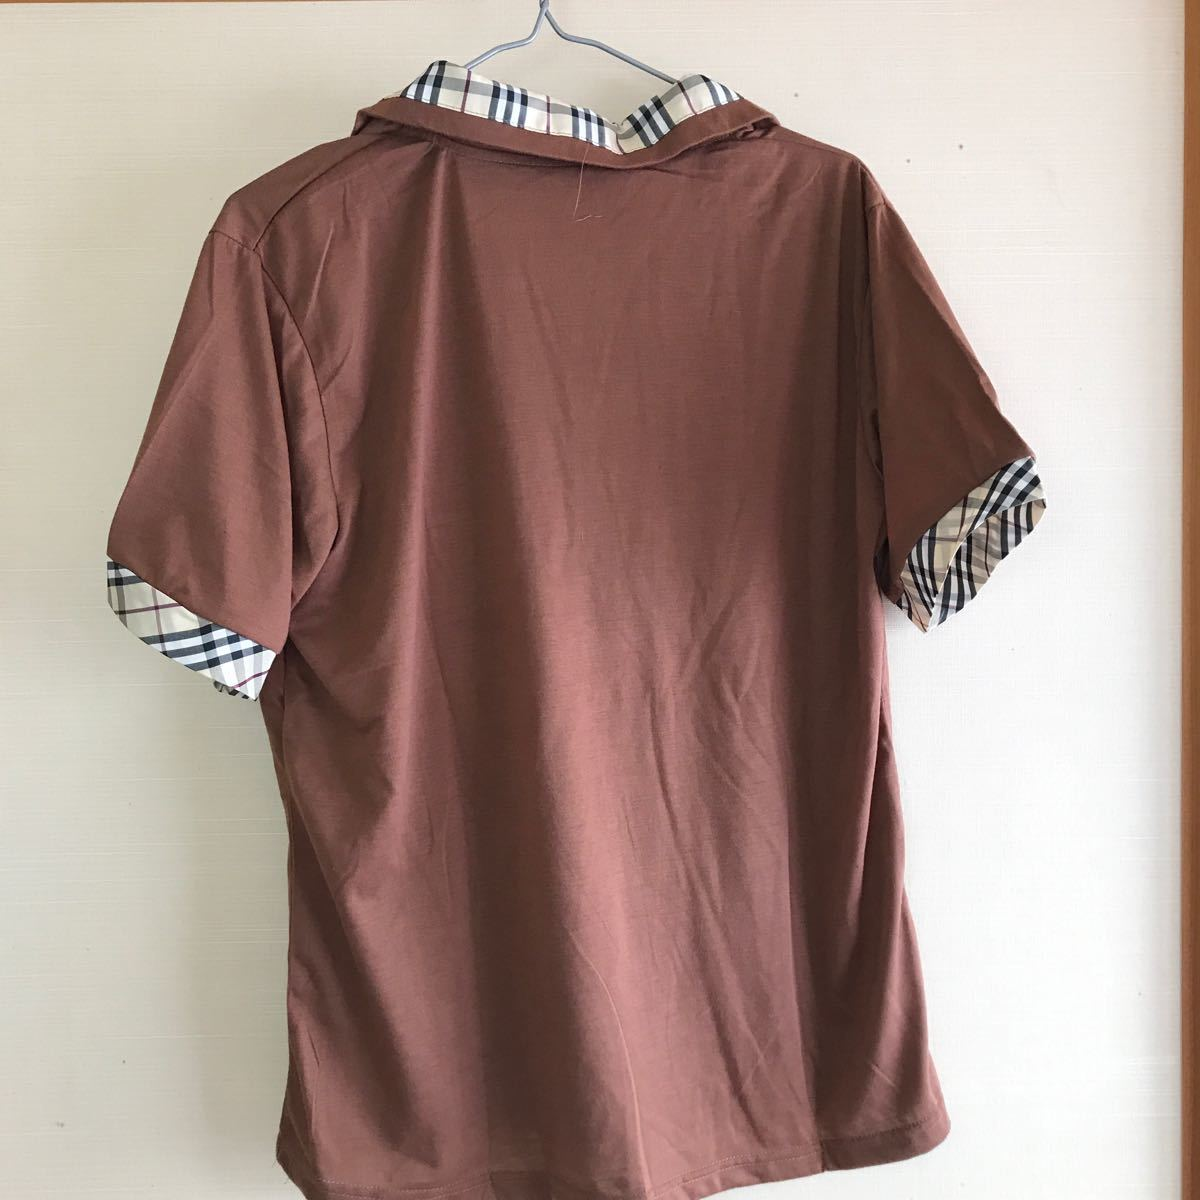 メンズ Tシャツ 半袖 ポロシャツ XXLサイズ Lサイズ   カジュアル